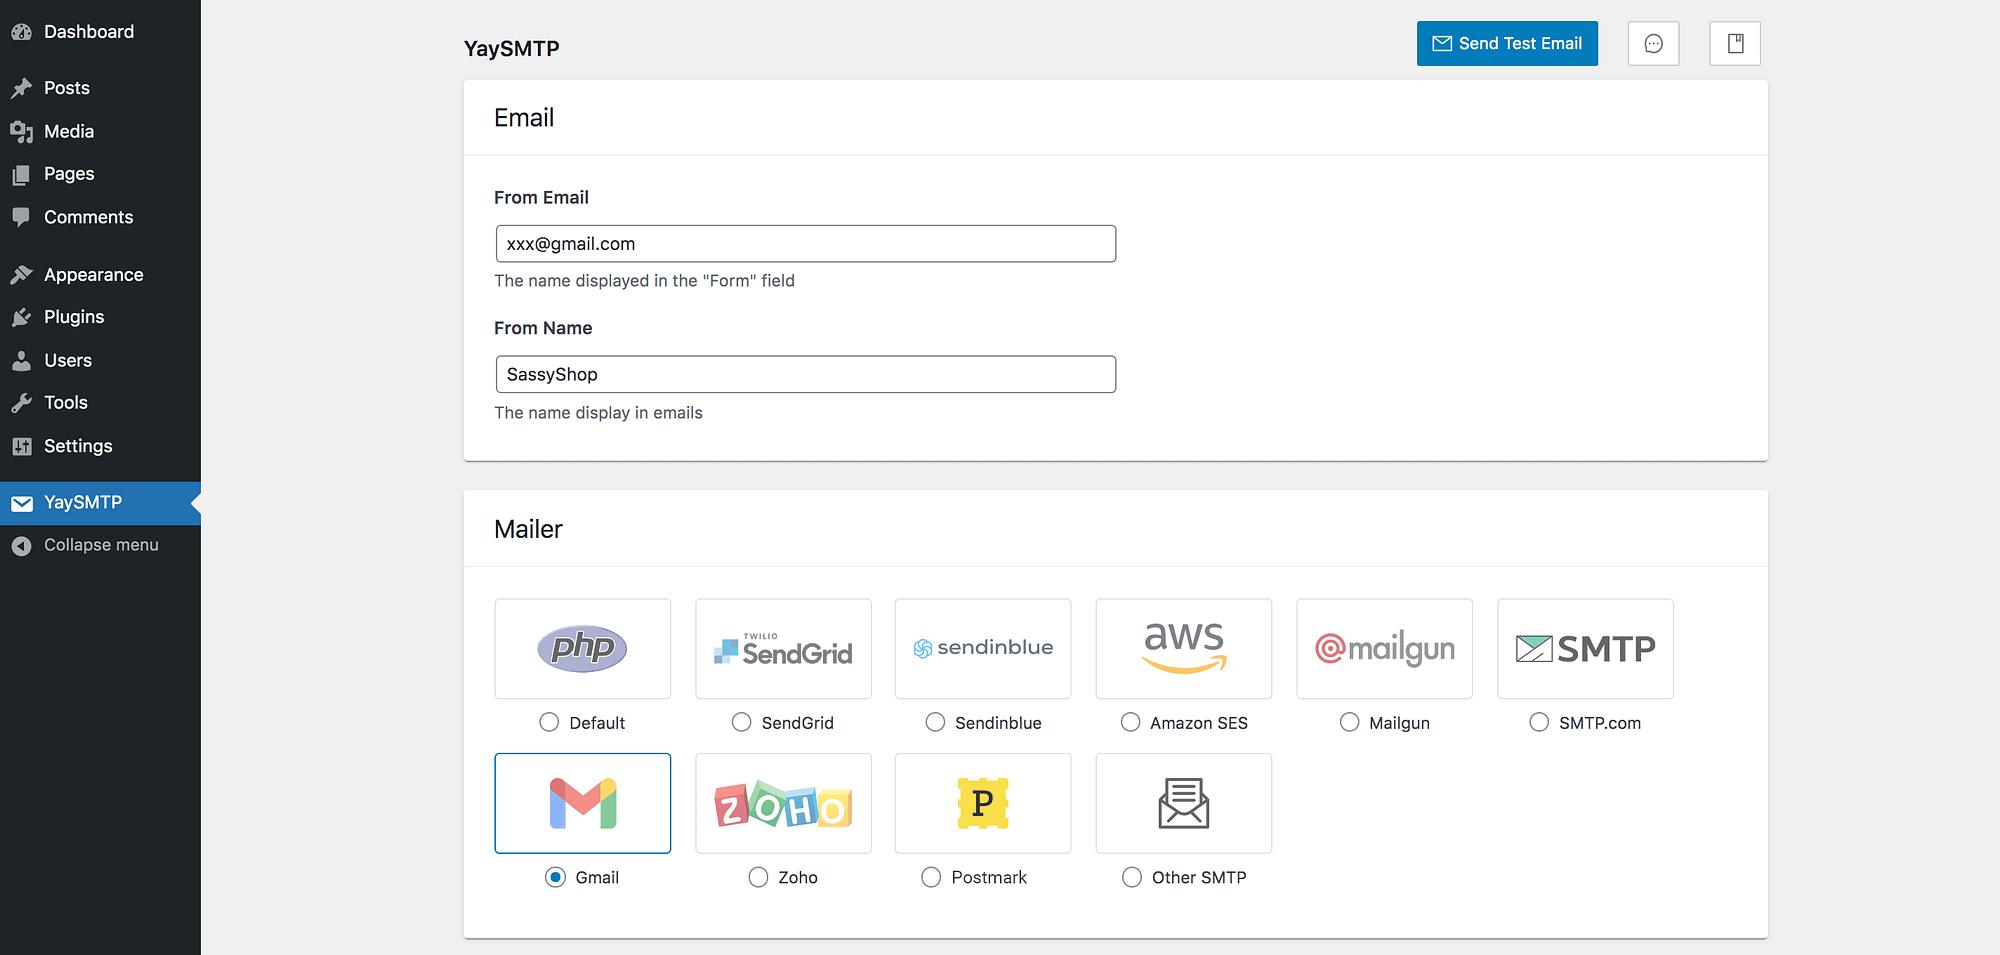 YaySMTP Dashboard